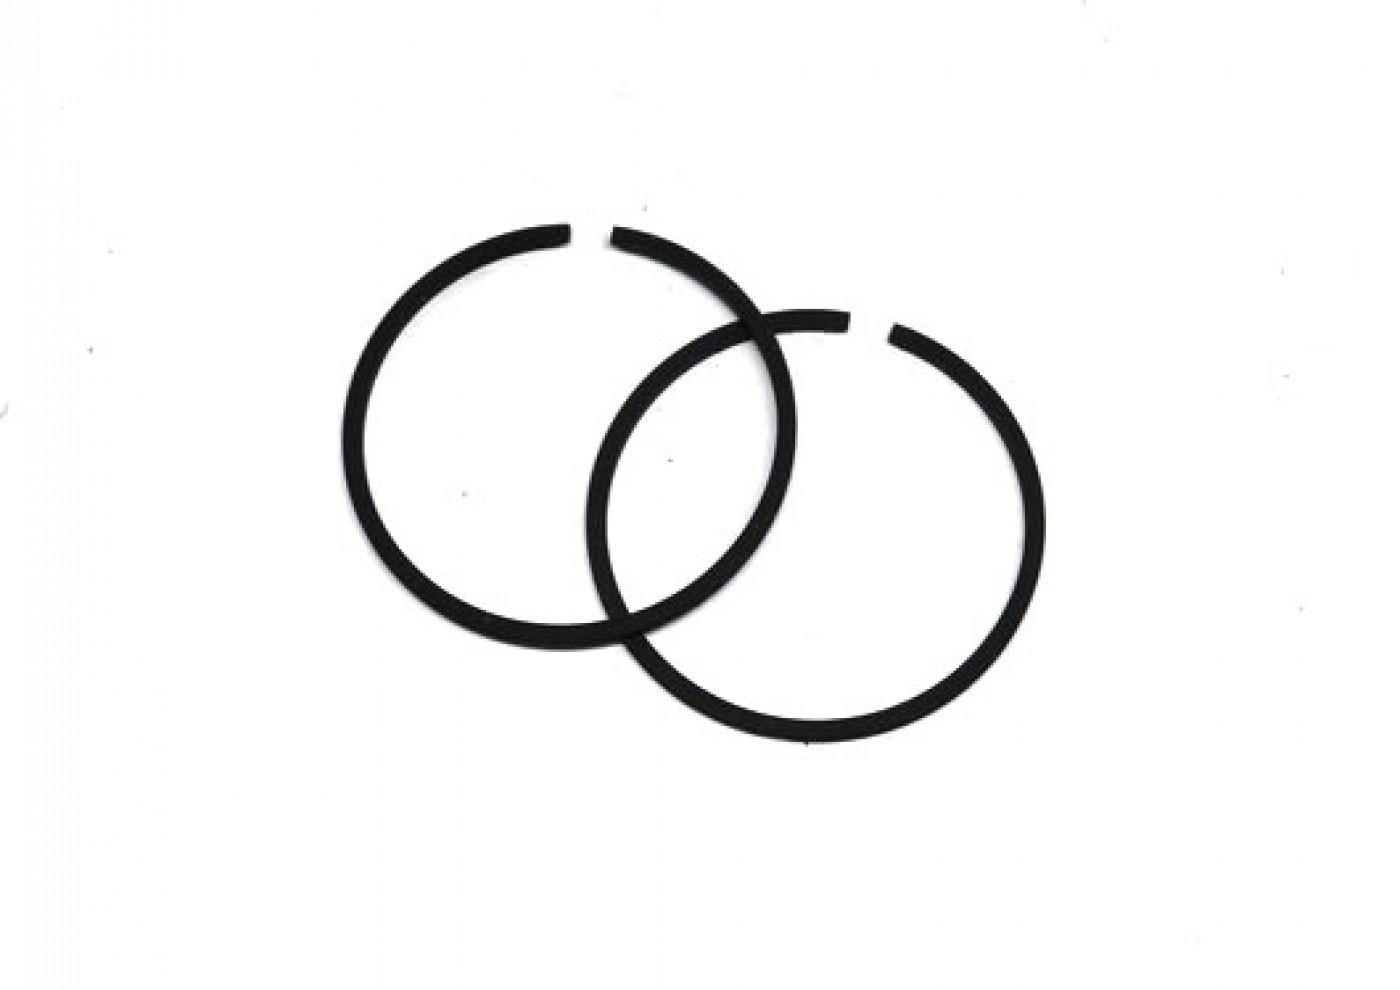 Sada pístních kroužků - 35 mm